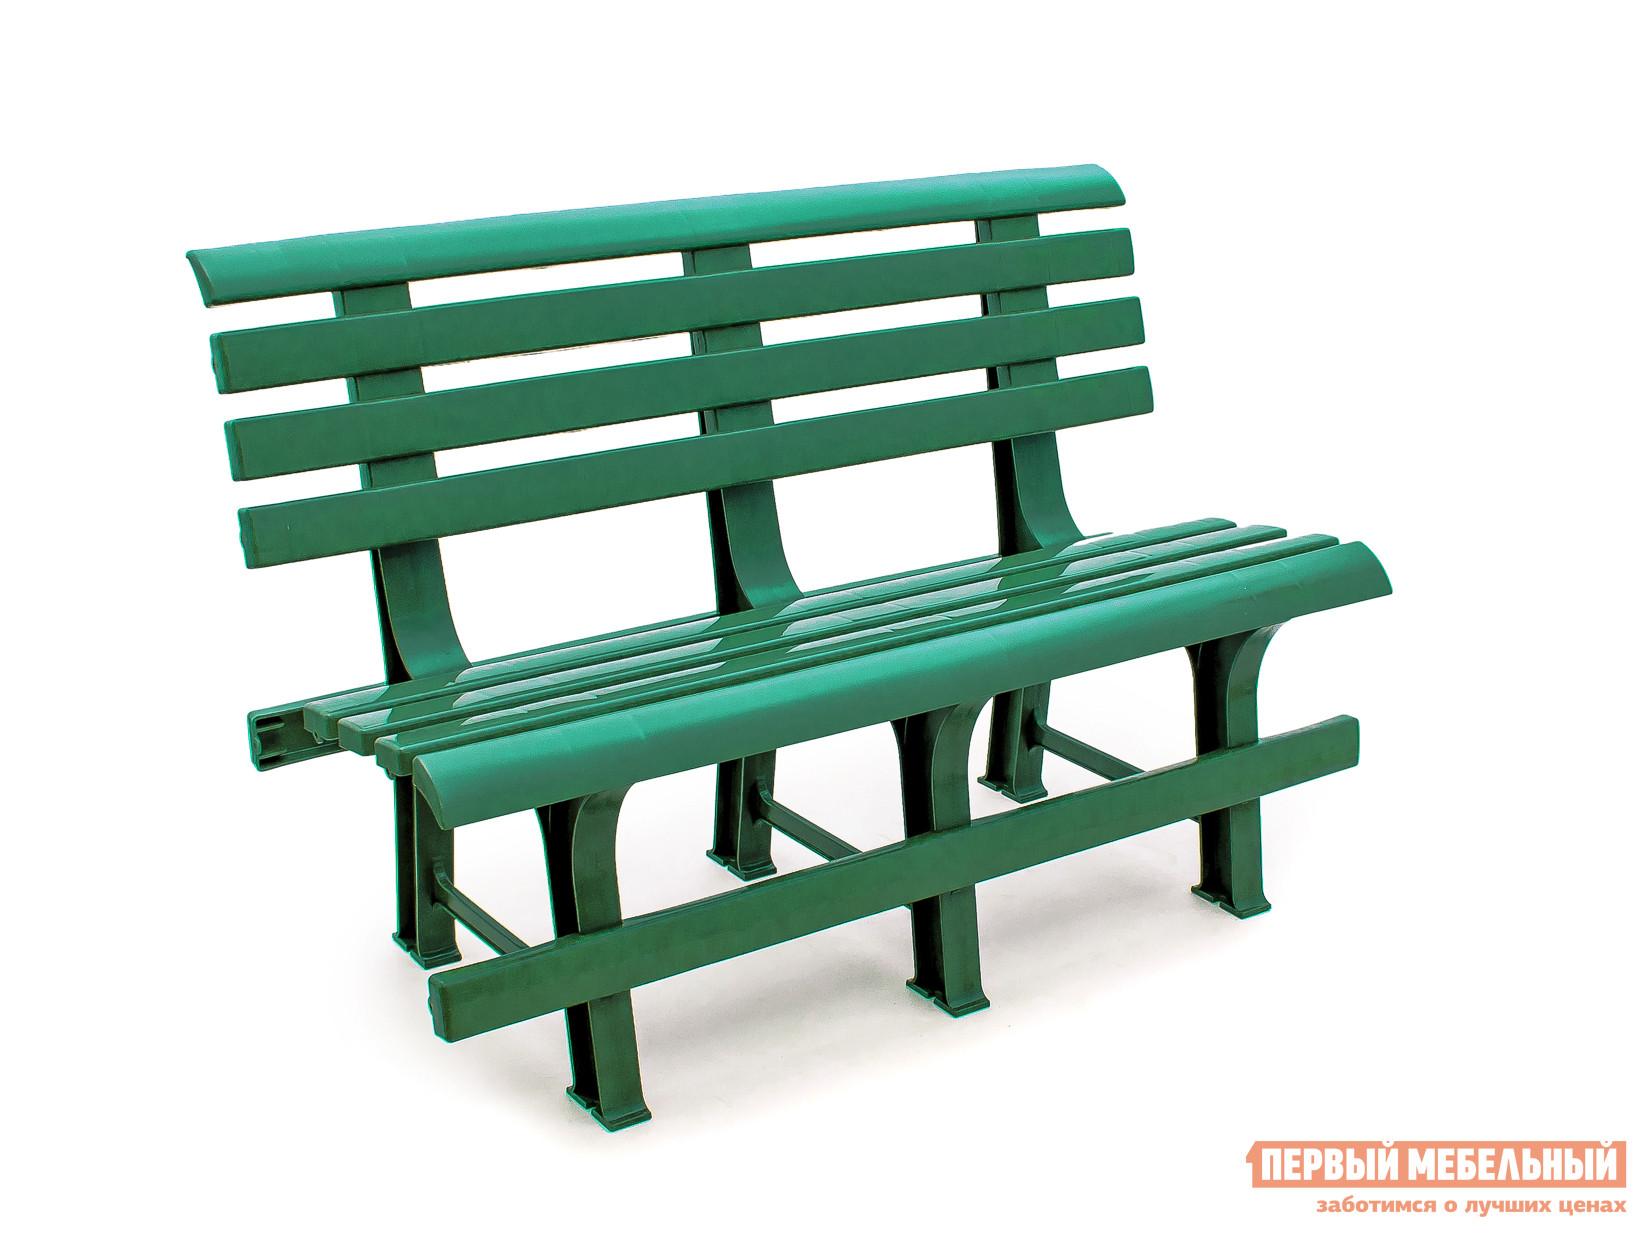 Скамейка Стандарт Пластик Скамья №2 (1200х530х800) мм БолотныйСкамейки и лавочки<br>Габаритные размеры ВхШхГ 800x1200x530 мм. Подыскивая бюджетный вариант скамьи для дачи обратите внимание на модель Скамья №2.  На такой пластиковой скамье с высокой удобной спинкой можно отдохнуть между дачными делами или вечером посидеть с соседями за обсуждением новостей.  Спинка и сиденье выполняются в виде поперечных реек, такой подход обеспечивает вентиляцию, что важно в жаркий период времени.  Практичный материал исполнения позволяет разместить скамью на улице и не убирать ее в течение всего сезона.  Также пластик отличается эксплуатационными свойствами и прочностью.  Изделие готово выдержать нагрузку до 250 кг.<br><br>Цвет: Зеленый<br>Высота мм: 800<br>Ширина мм: 1200<br>Глубина мм: 530<br>Кол-во упаковок: 1<br>Форма поставки: В разобранном виде<br>Срок гарантии: 1 год<br>Тип: Со спинкой<br>Назначение: Для дачи<br>Назначение: Для сада<br>Материал: Пластик<br>Размер: Маленькие<br>Размер: Широкие<br>Без подлокотников: Да